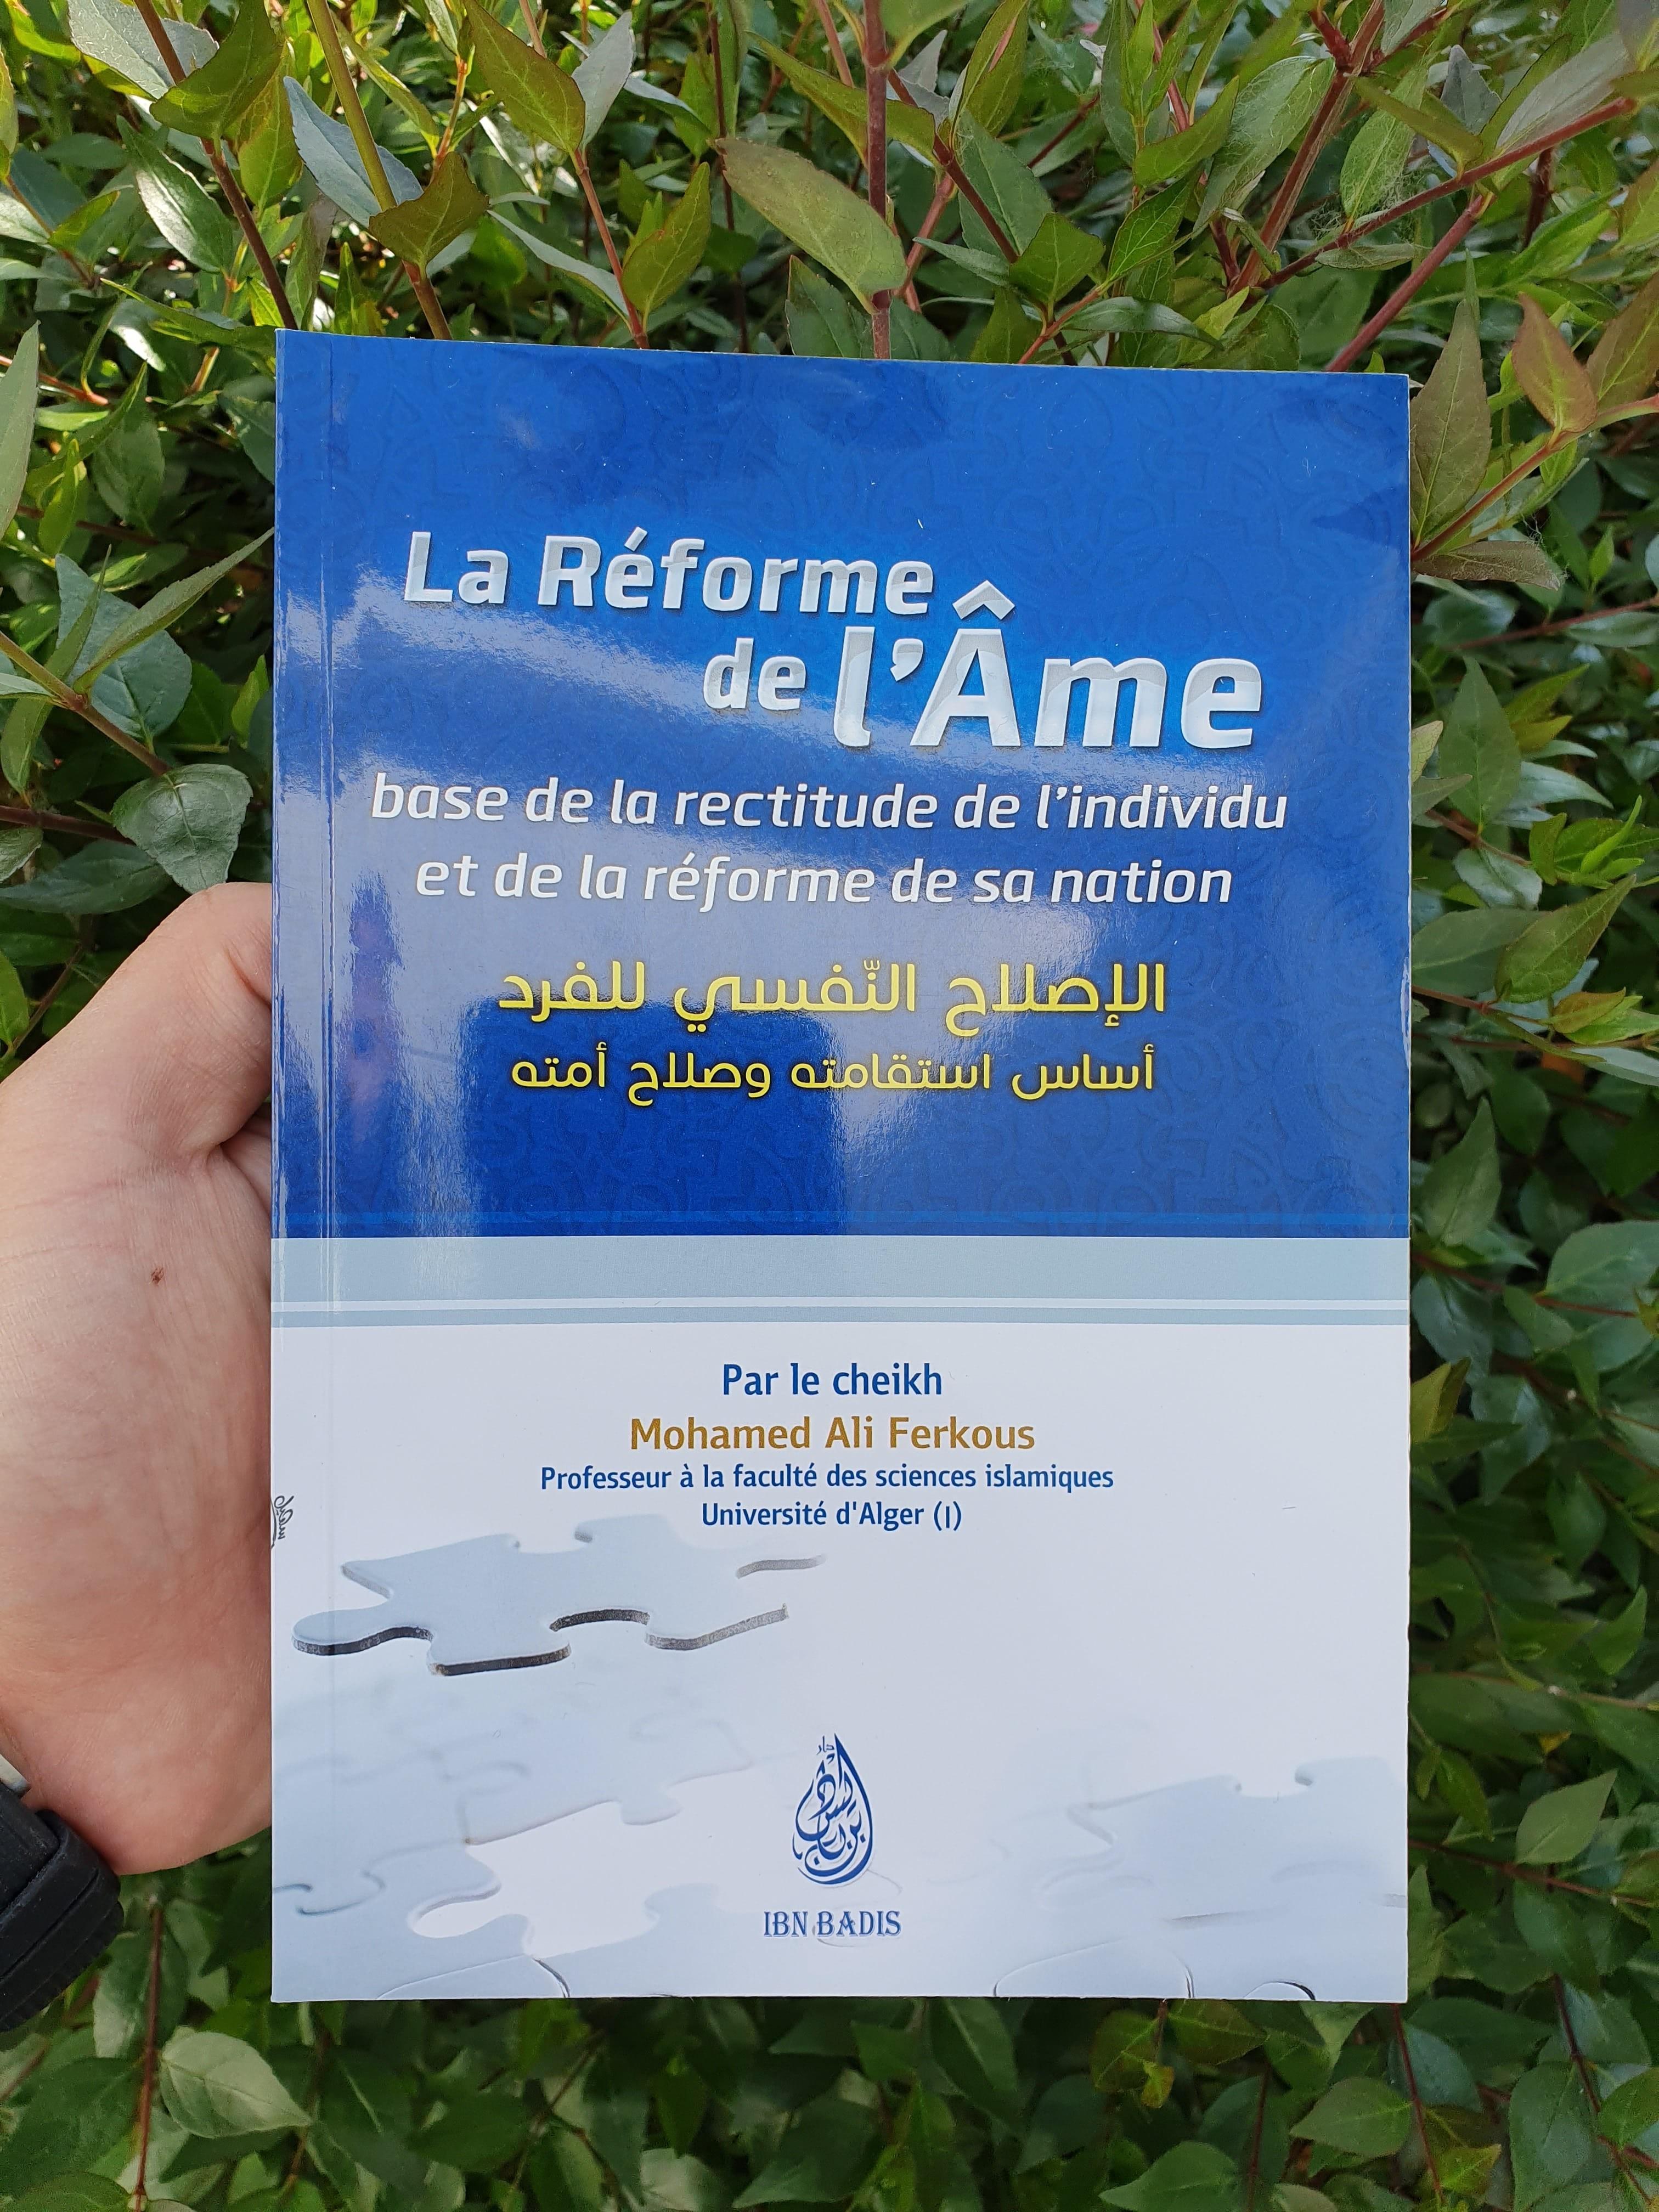 La réforme de l'âme, base de la rectitude de l'individu et de la réforme de sa nation